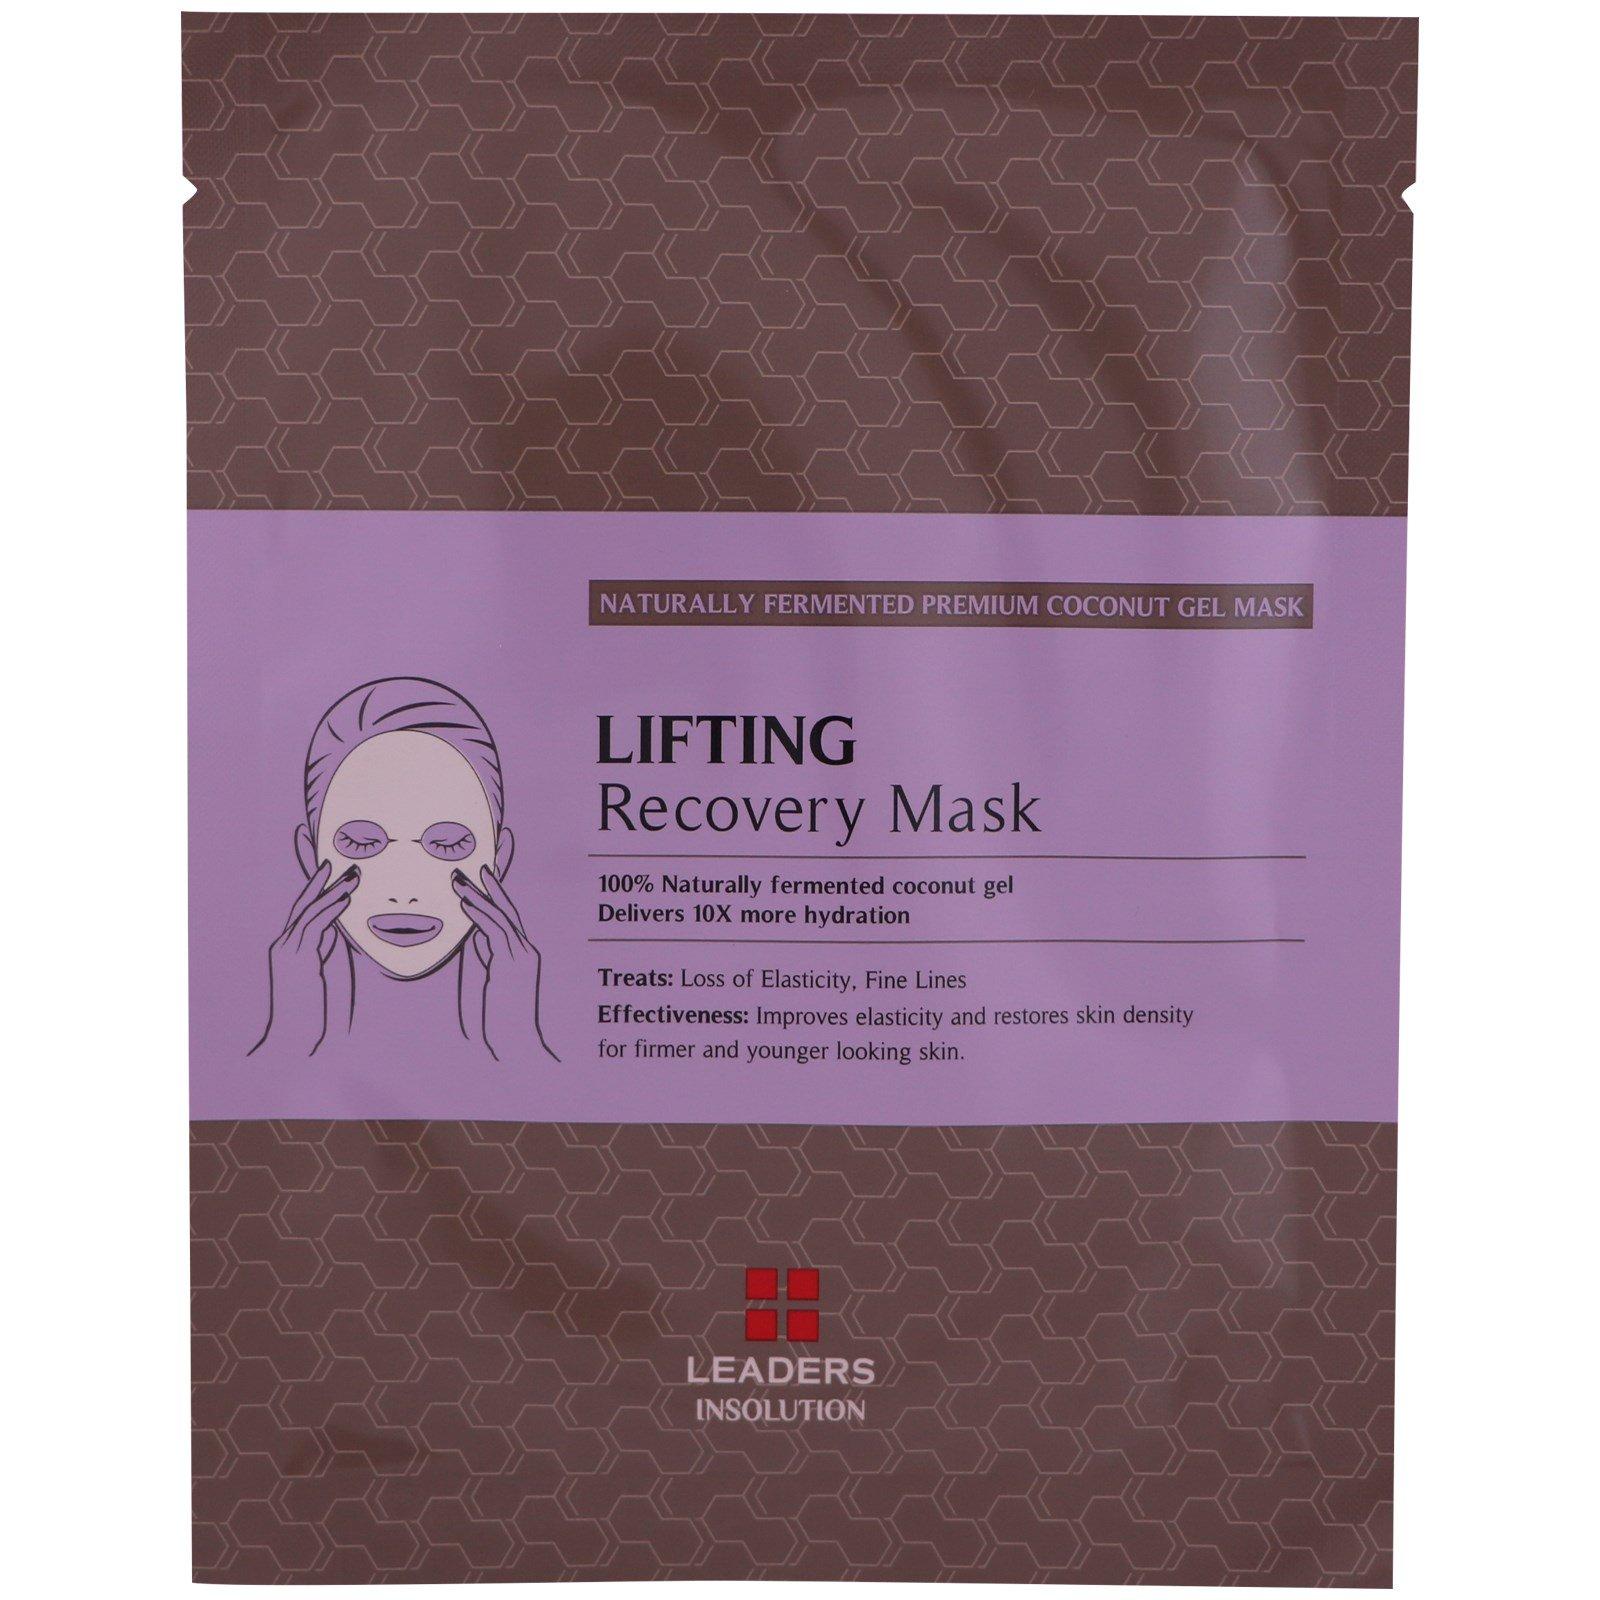 Leaders, Восстанавливающая маска с эффектом лифтинга с кокосовым гелем, 1 маска, 30 мл